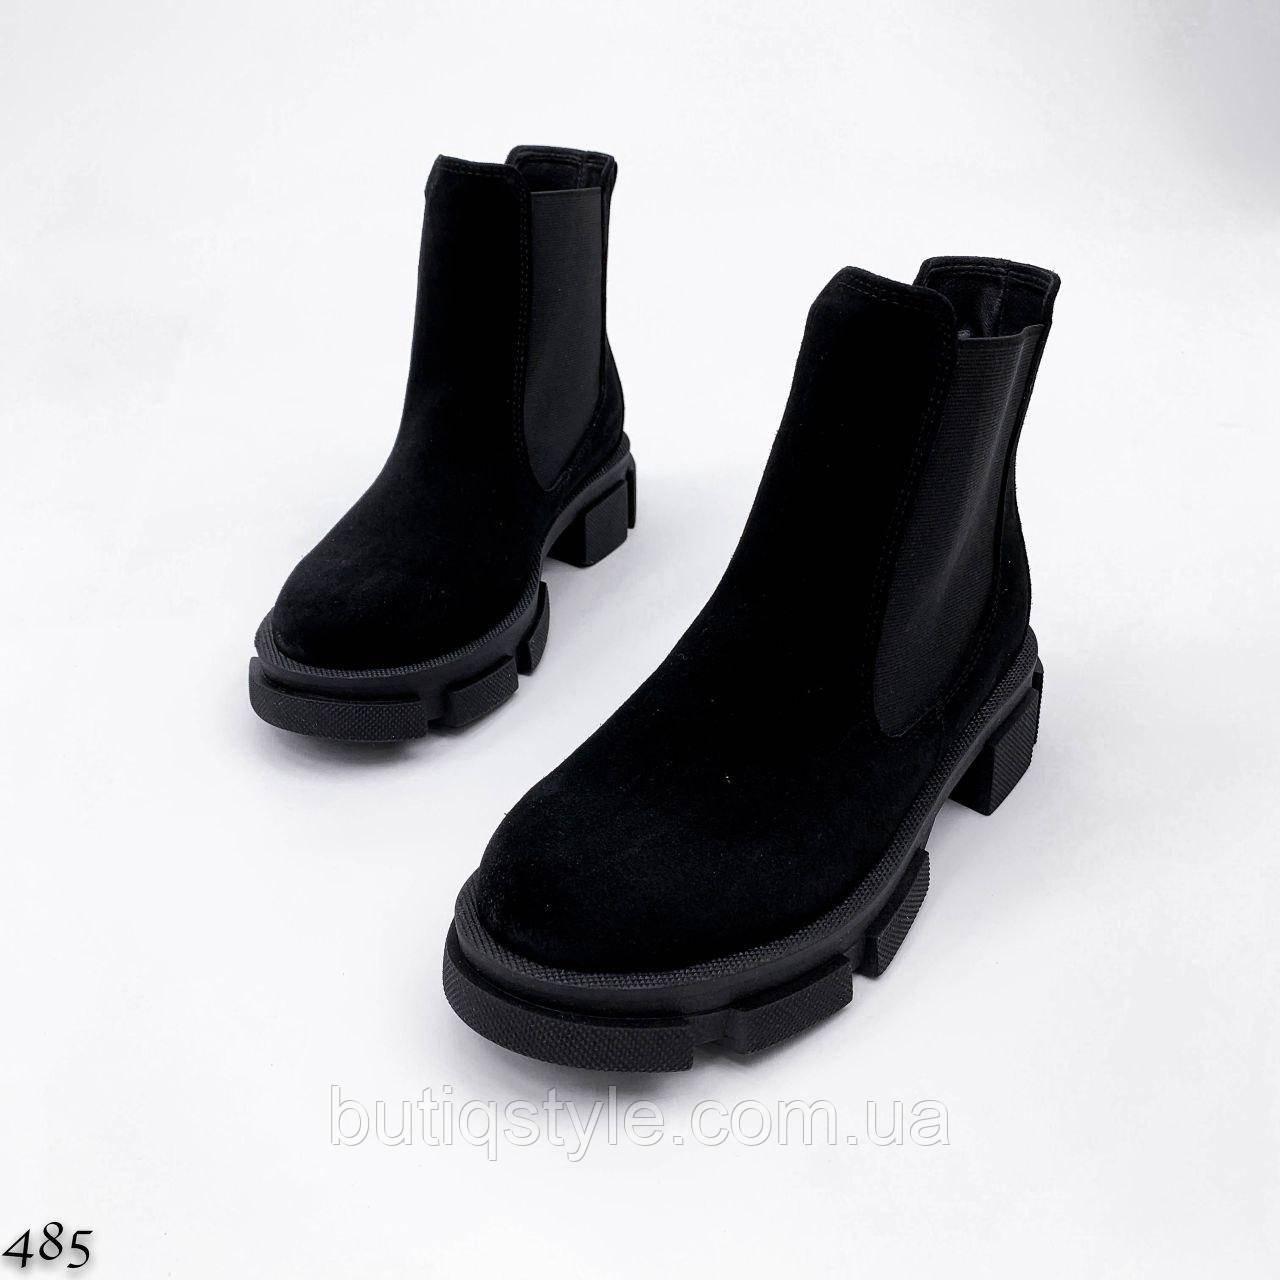 Женские черные ботинки натуральная замша на резинке  Деми